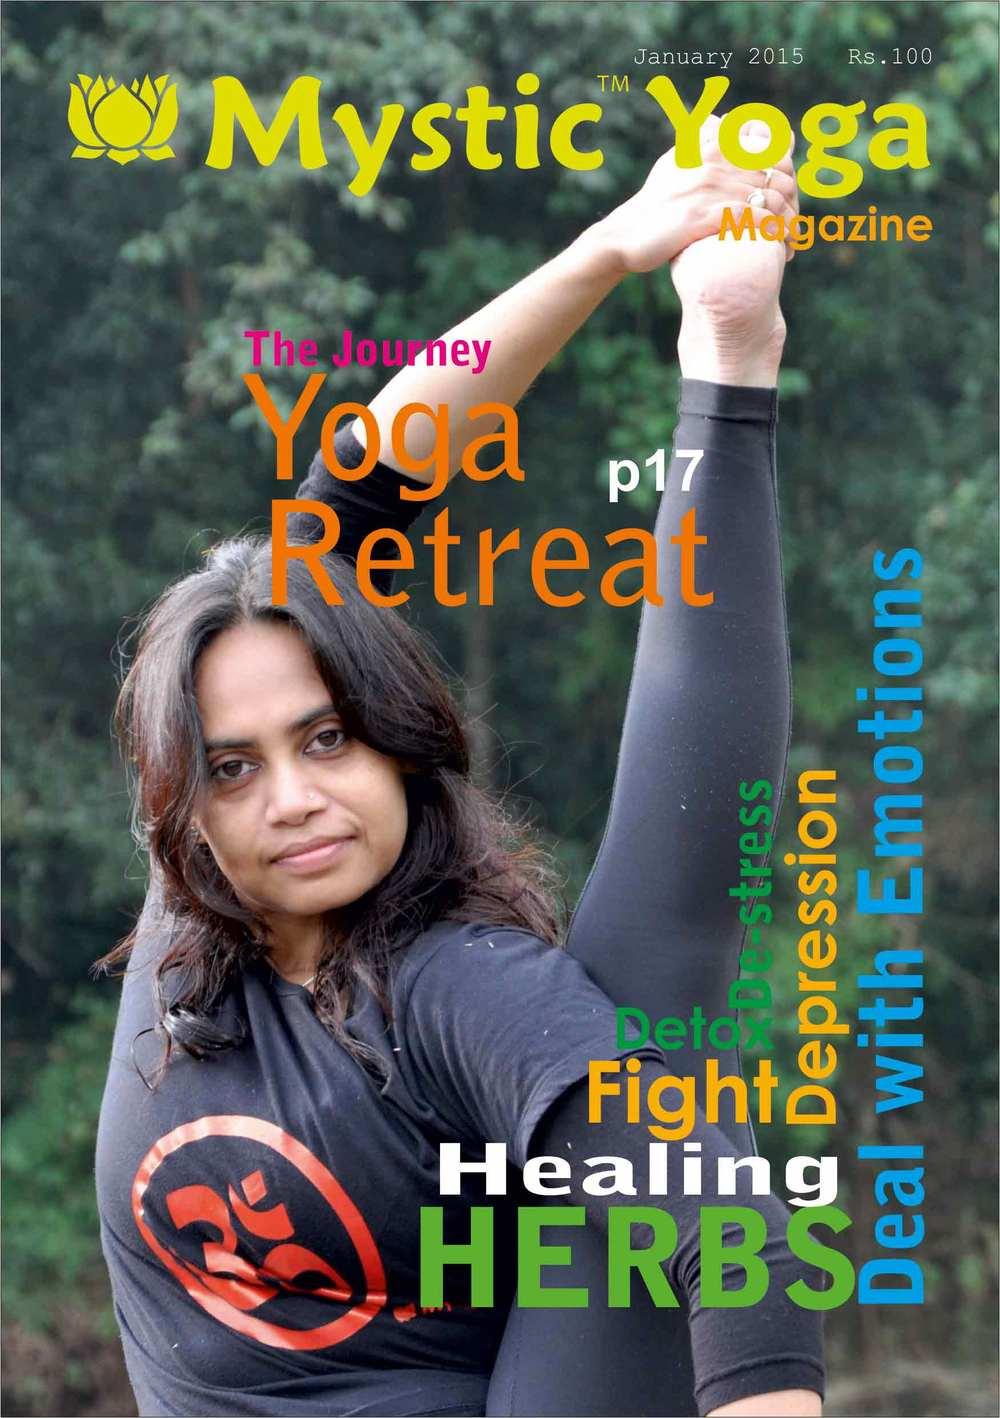 Mystic Yoga Magazine - January 2015